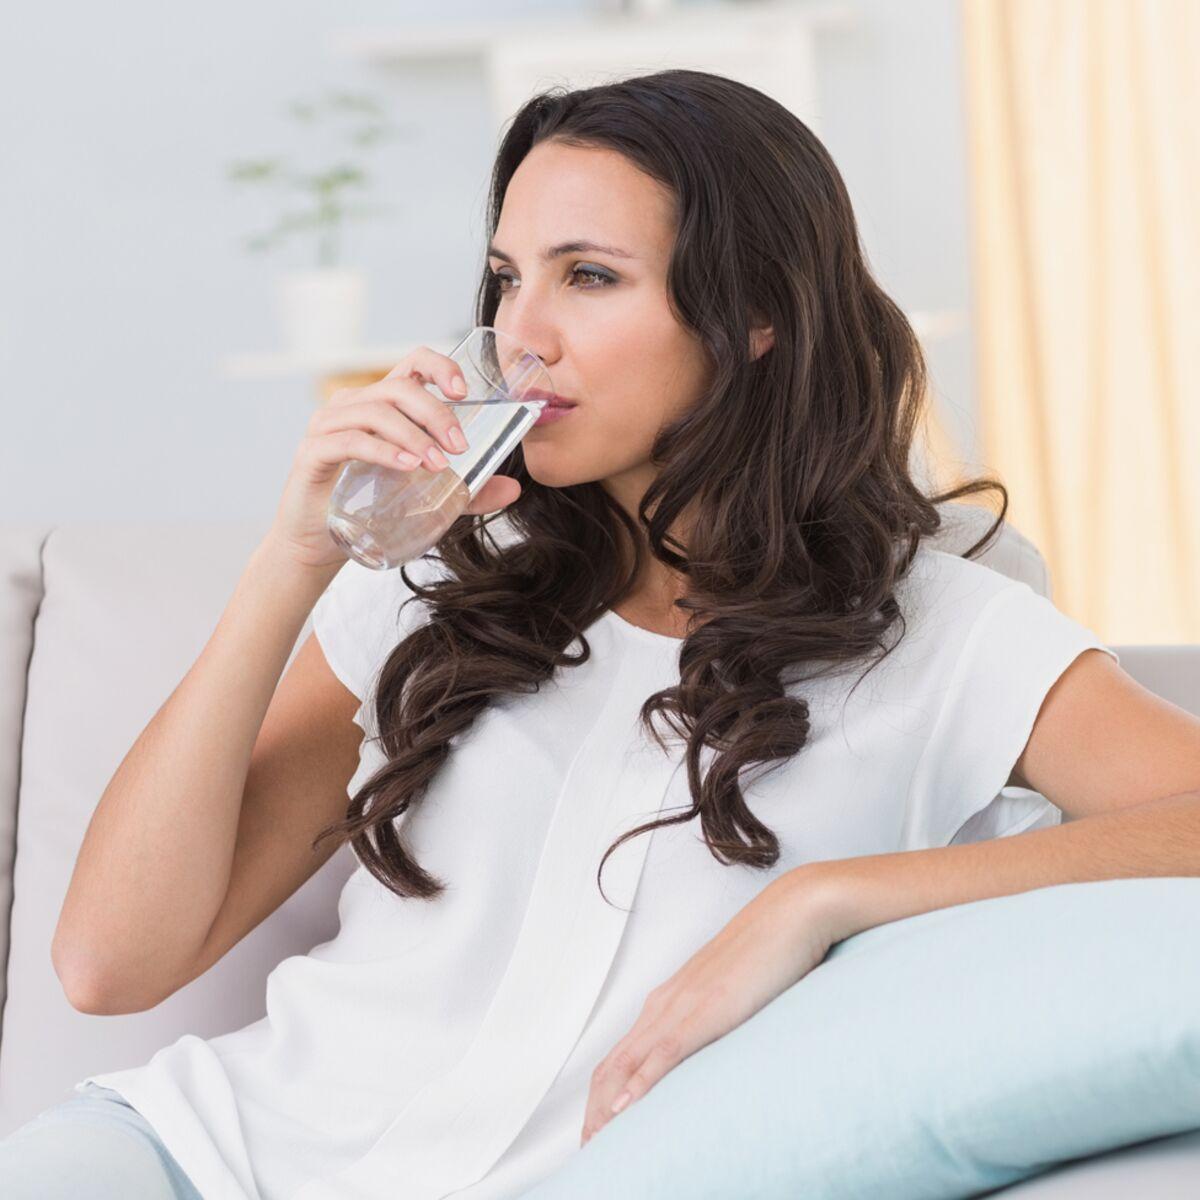 soif excessive fatigue perte de poids un autre mot pour mincir